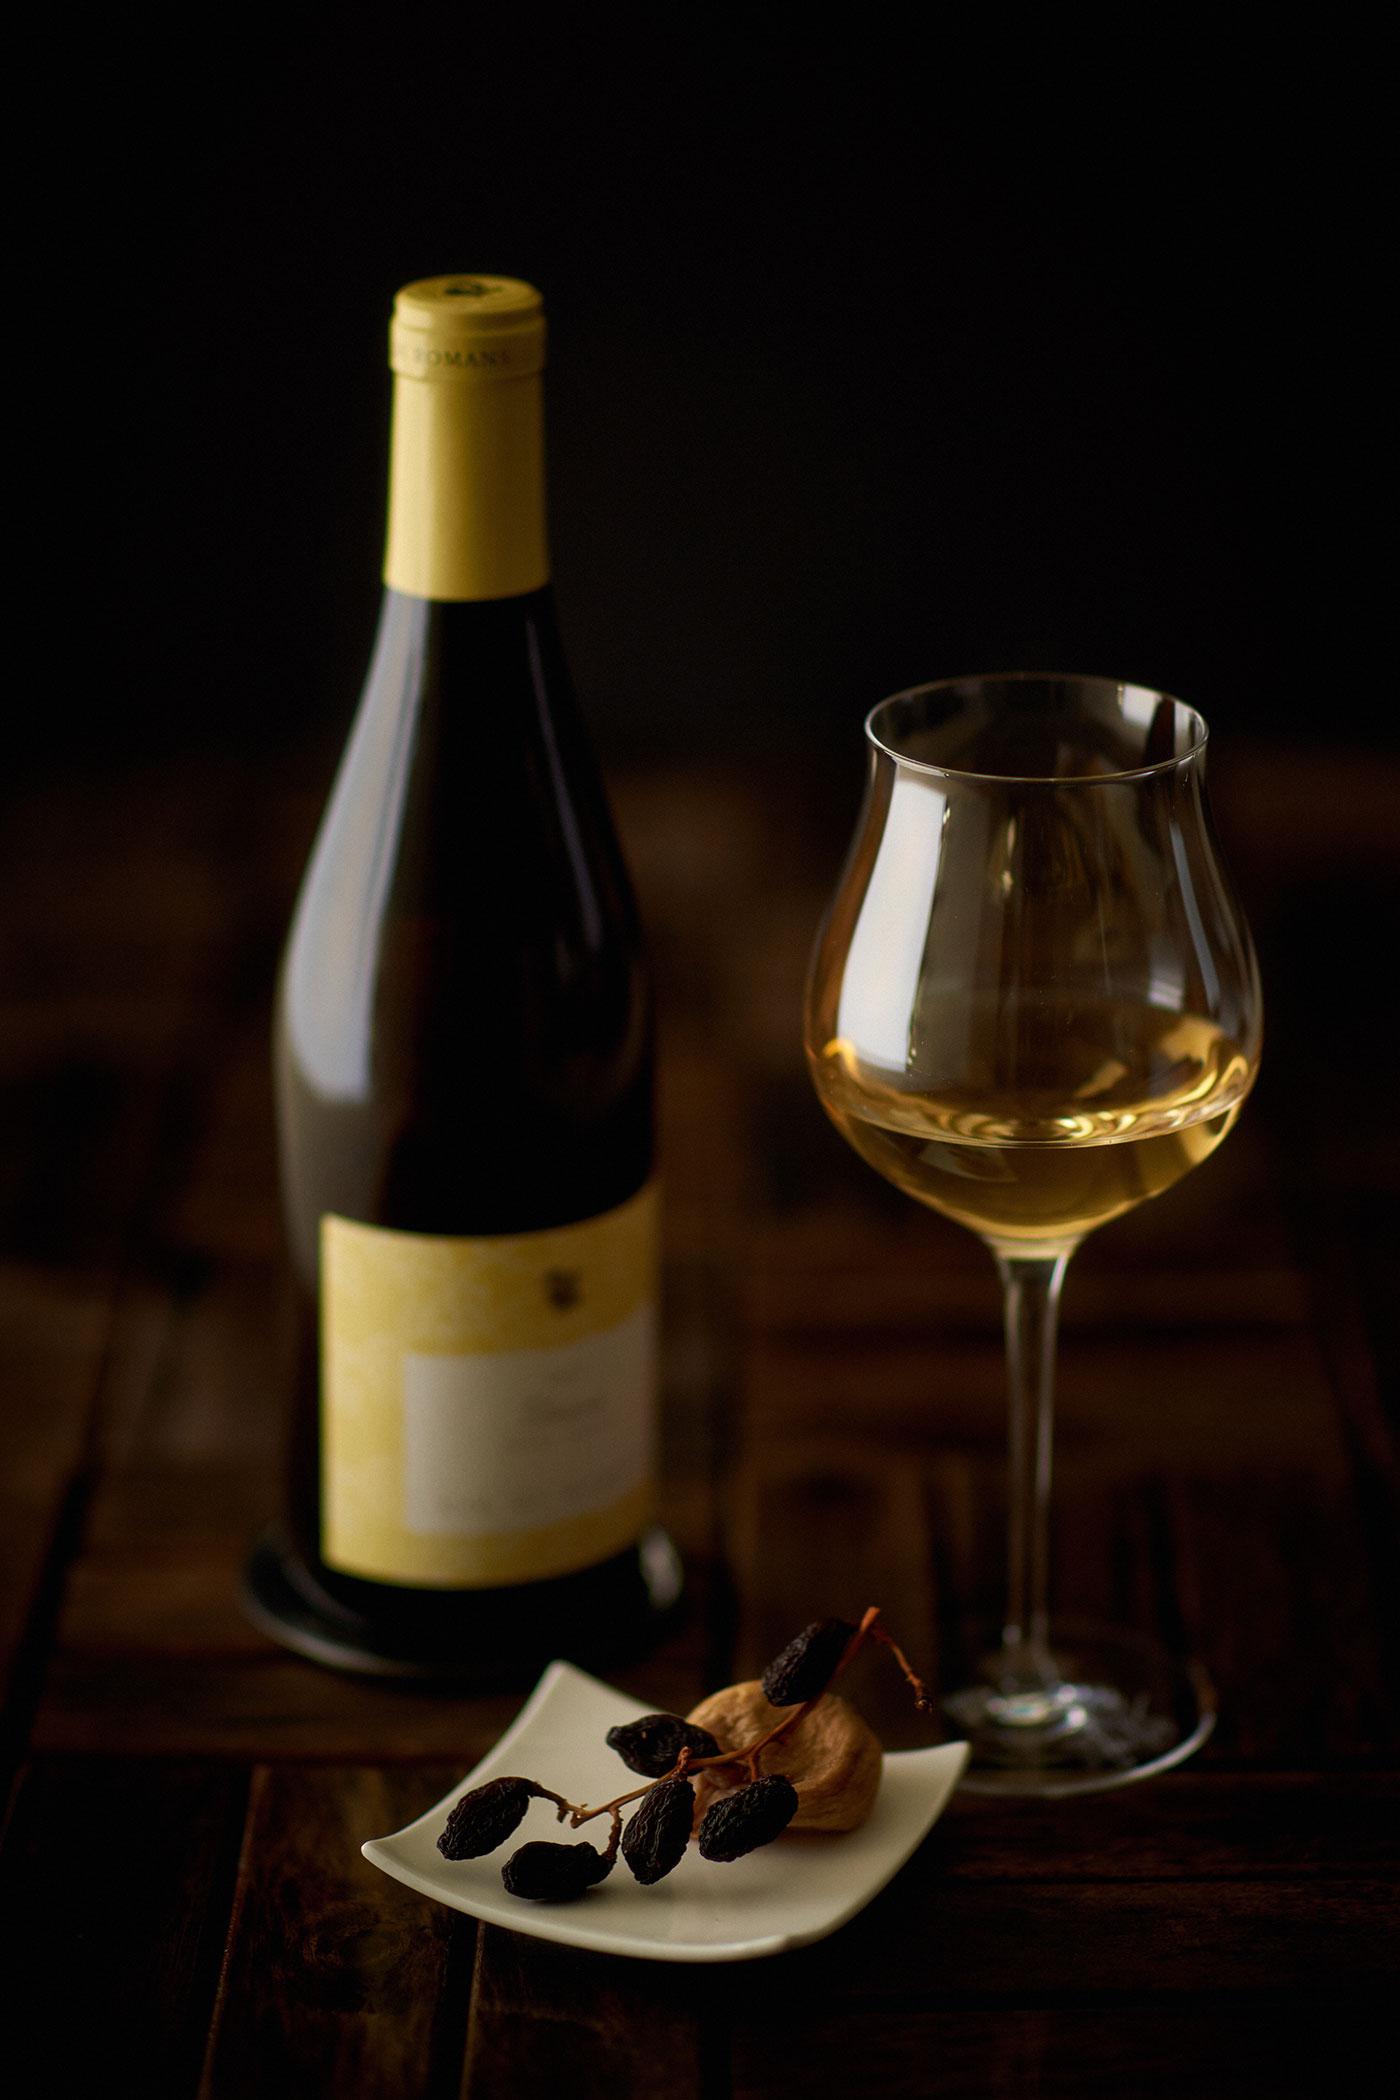 Dessimis Pinot Grigio '12 / Vie di Romans